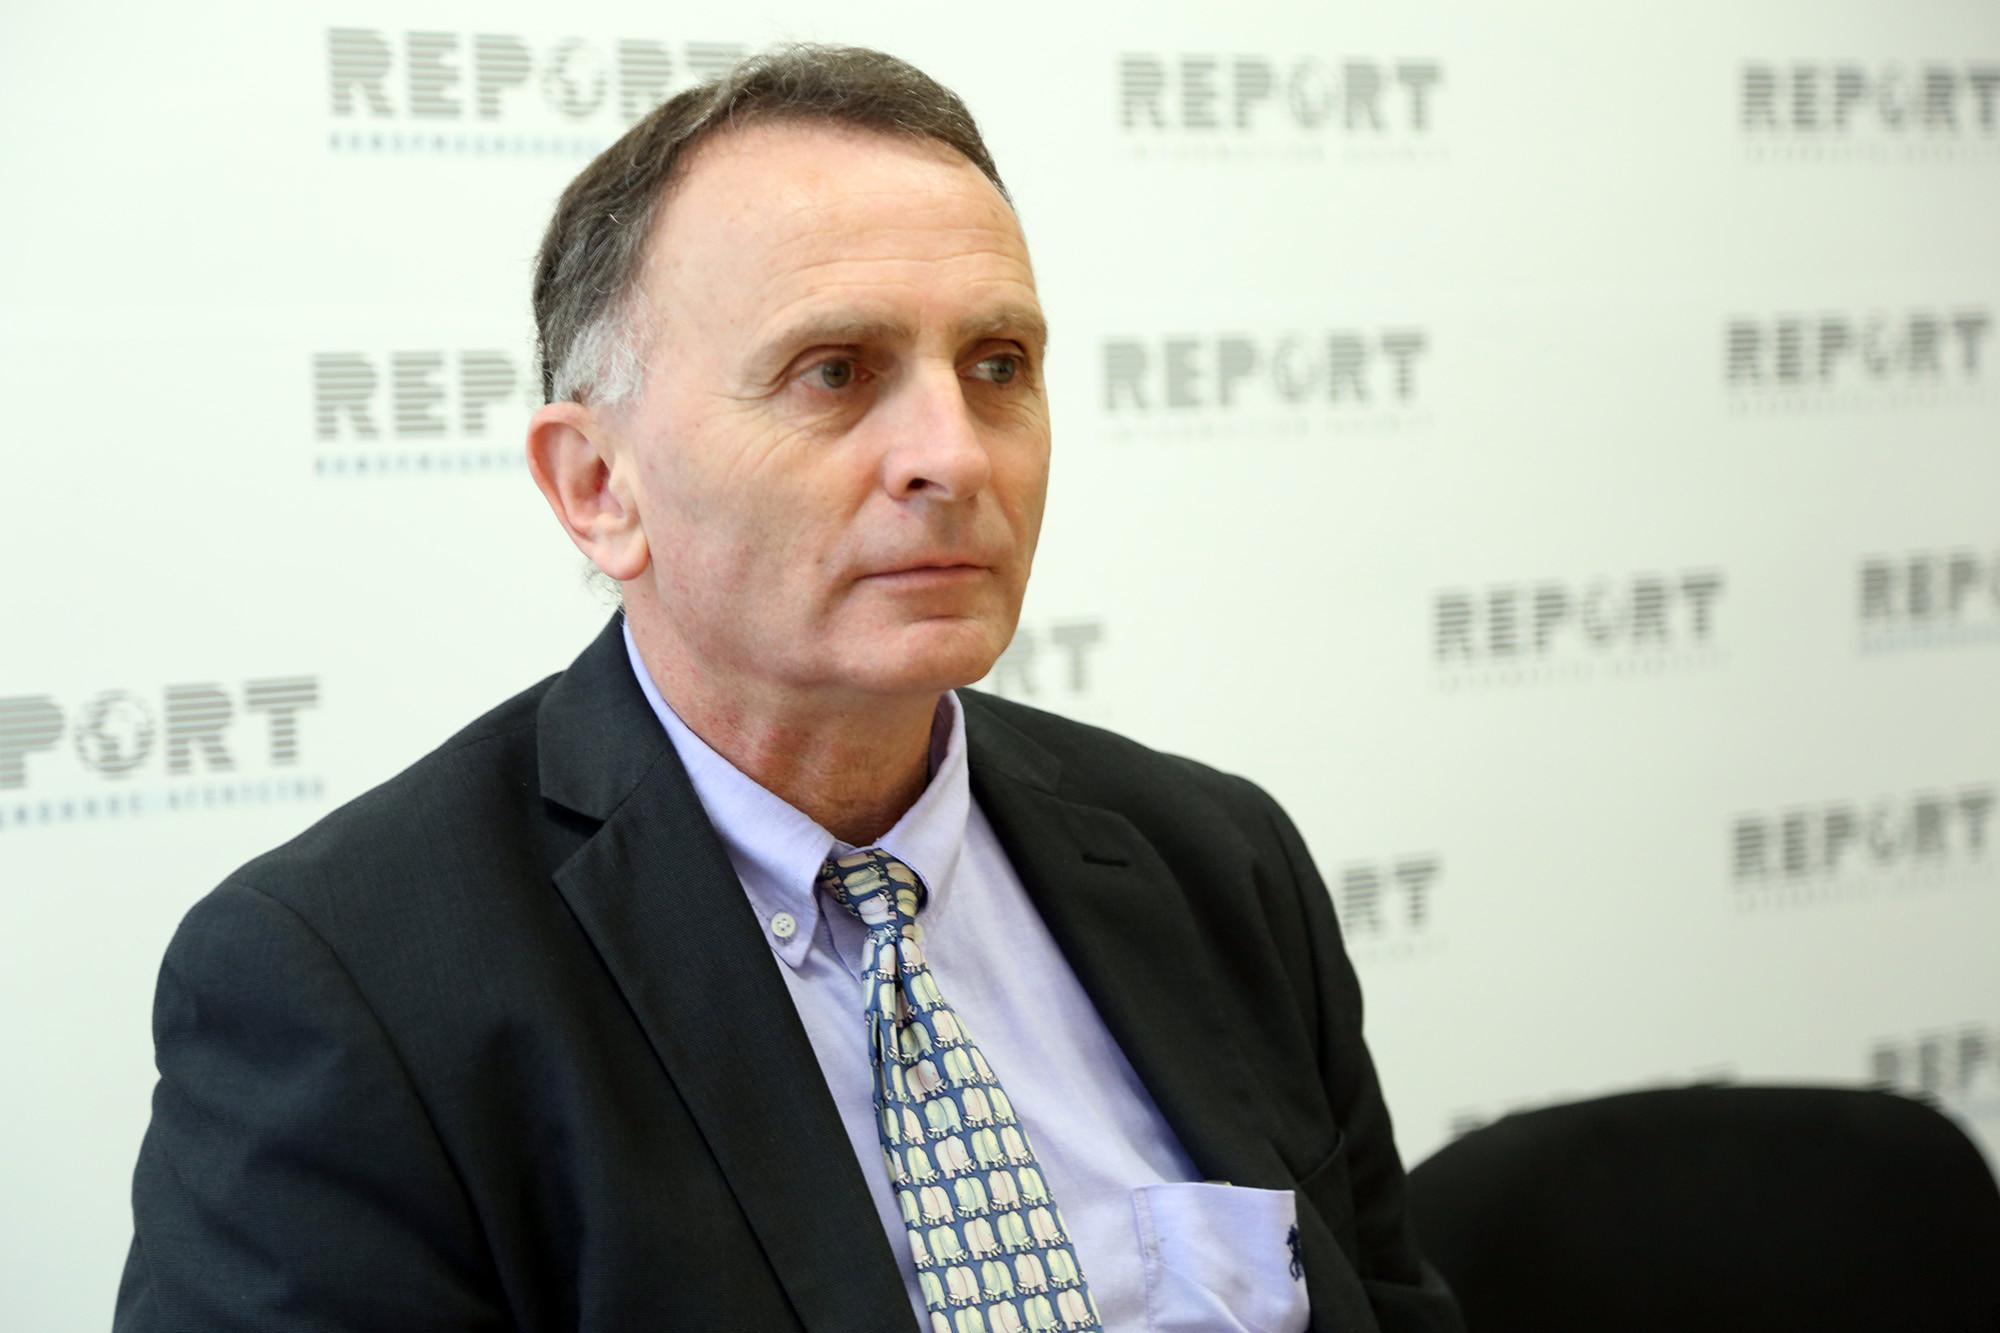 Посол: Азербайджан является уникальным партнером для Израиля